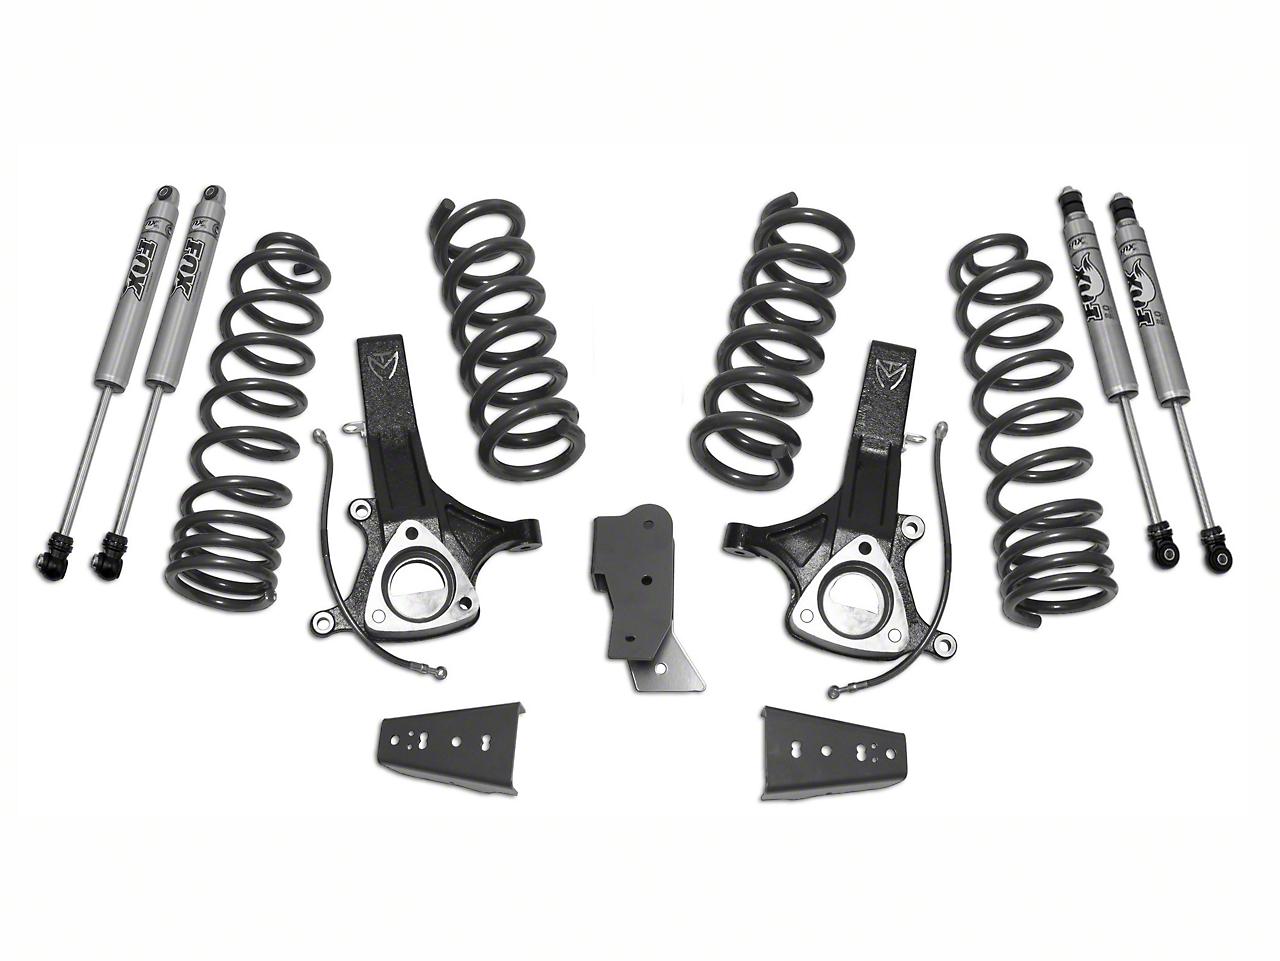 Max Trac MaxPro 7.5 in. Front / 4.5 in. Rear Lift Kit w/ Fox Shocks (09-13 2WD 4.7L RAM 1500 w/o Air Ride)